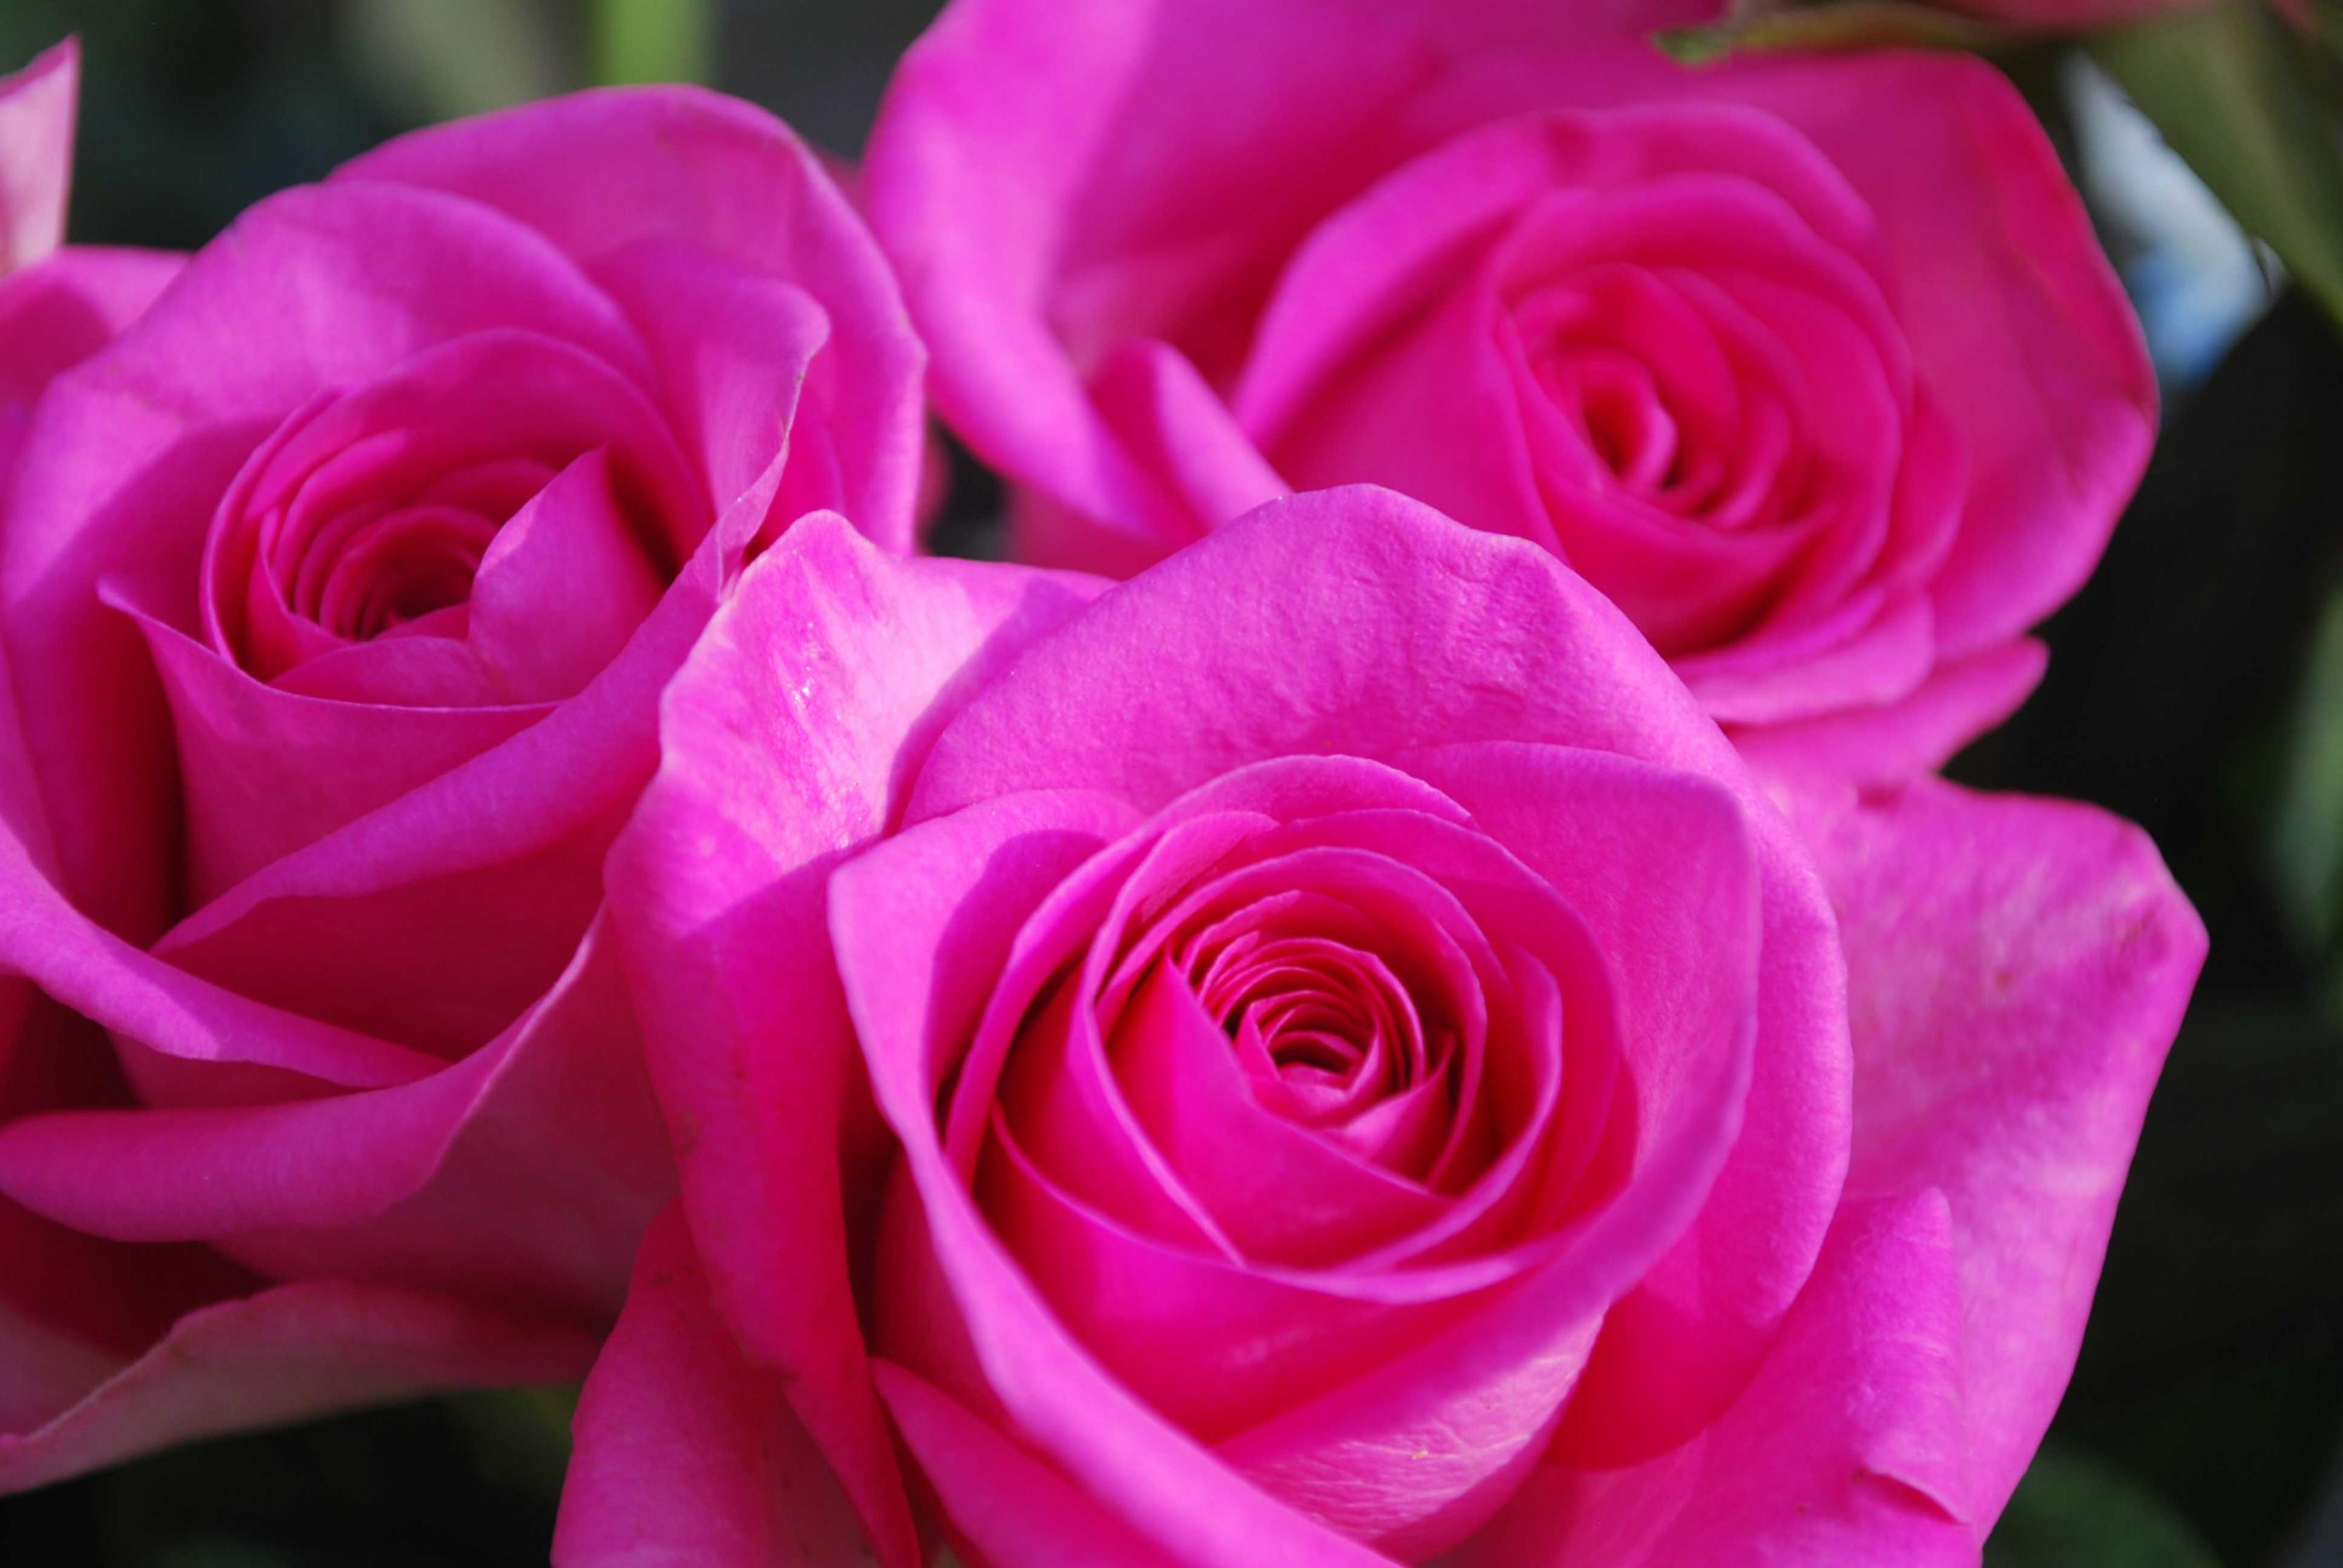 بالصور صور ورد خلفيات , اجمل اشكال وانواع الورود 3582 10